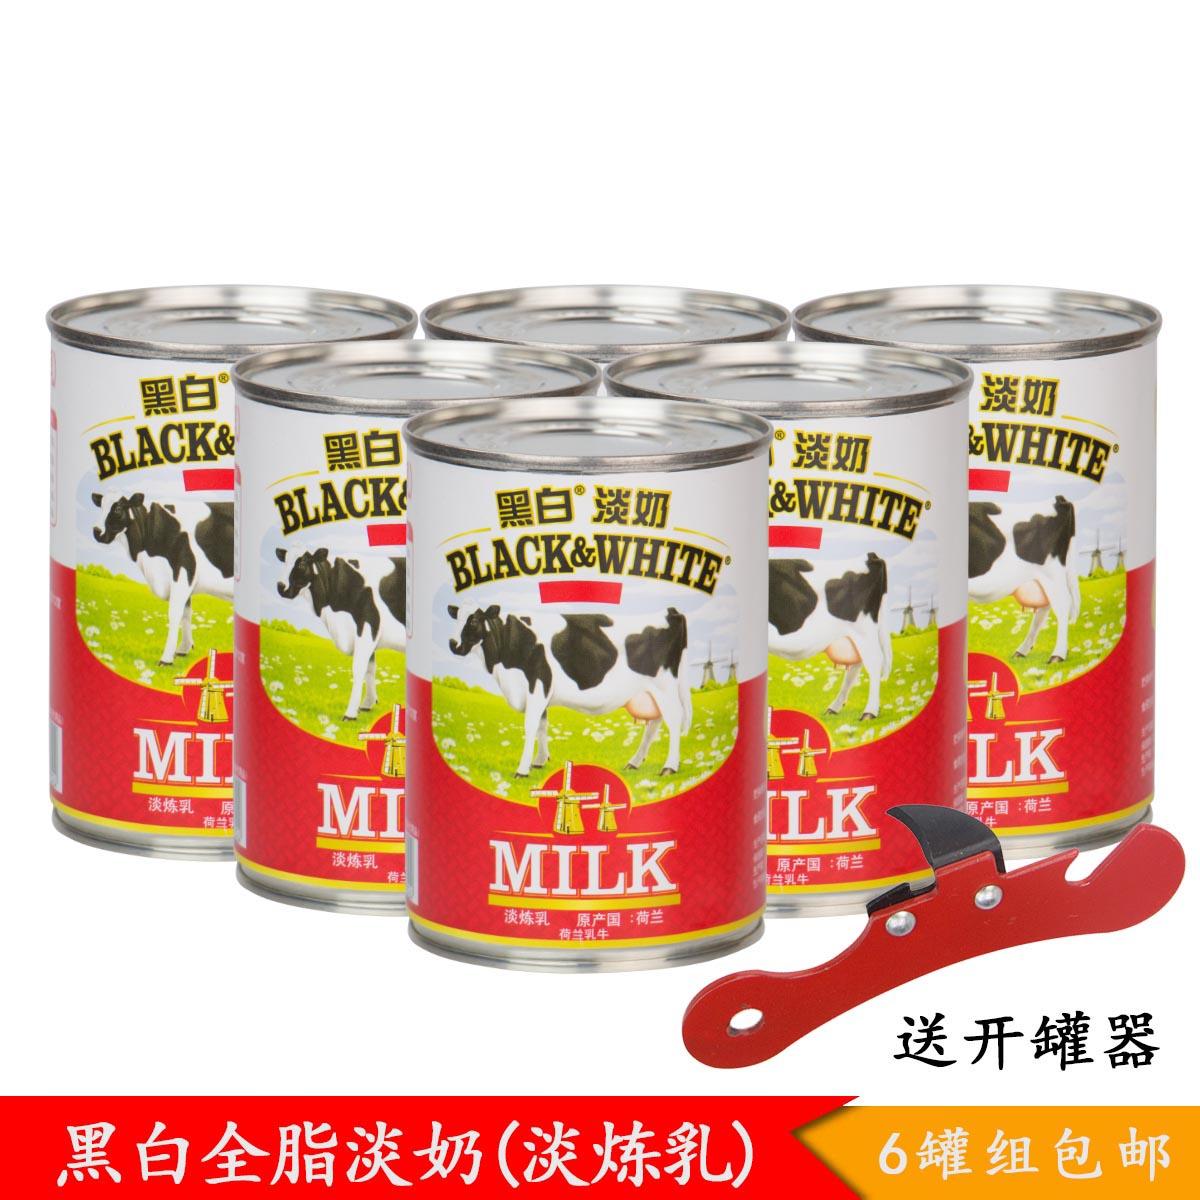 Нидерланды импорт черного белый свет молоко 400g*6 бак все смазка свет молочный шелк носок молочный чай десерт бесплатная доставка